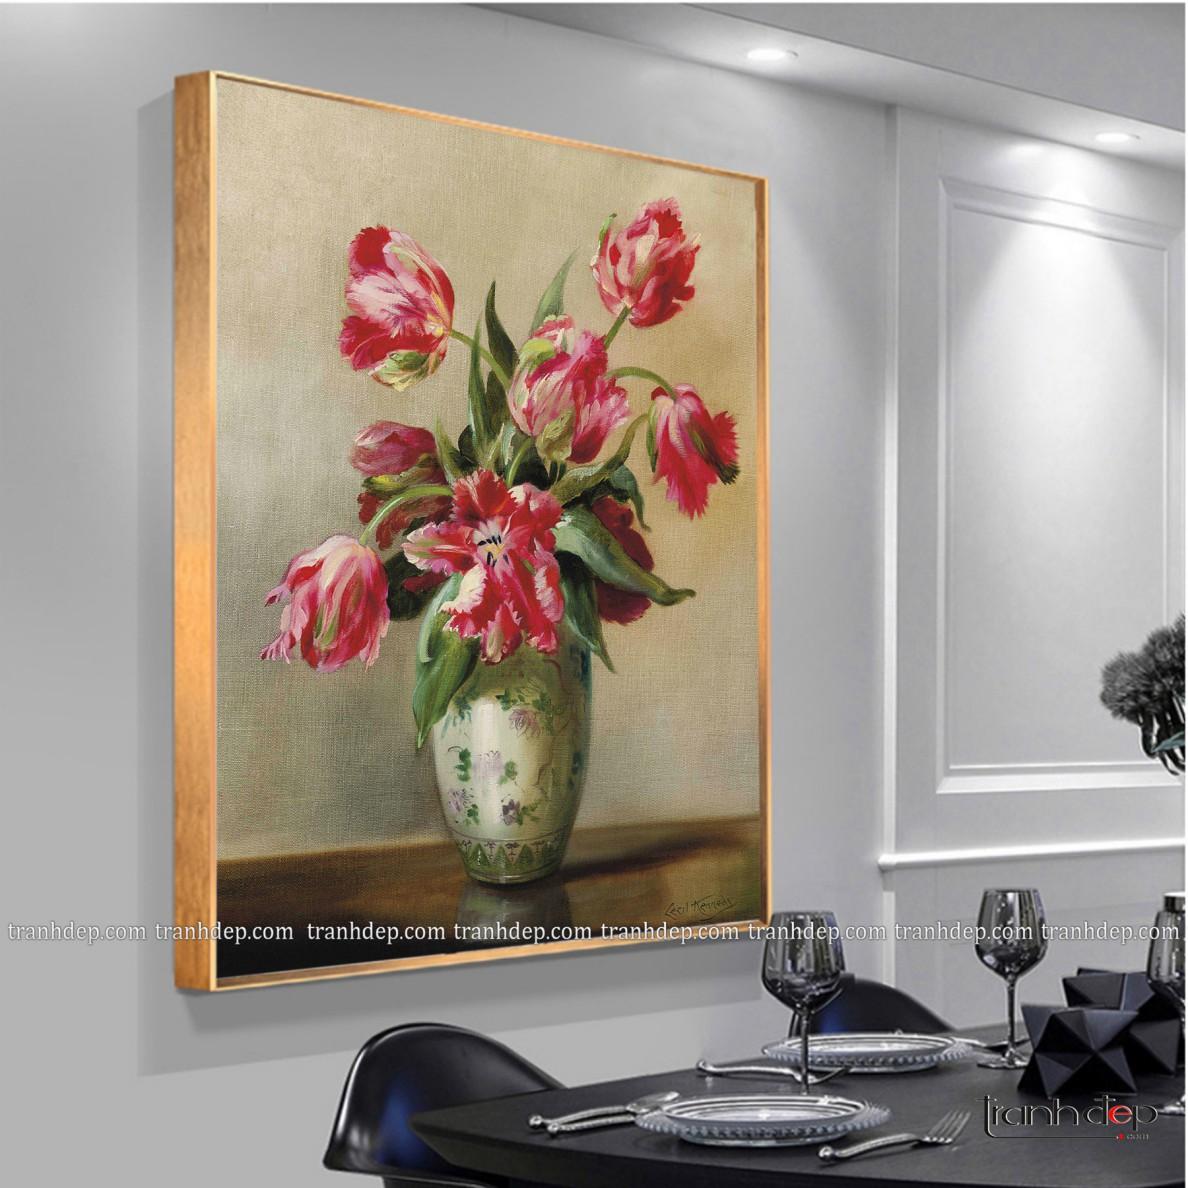 tranh-tinh-vat-binh-hoa-tulip-hong-quy-toc